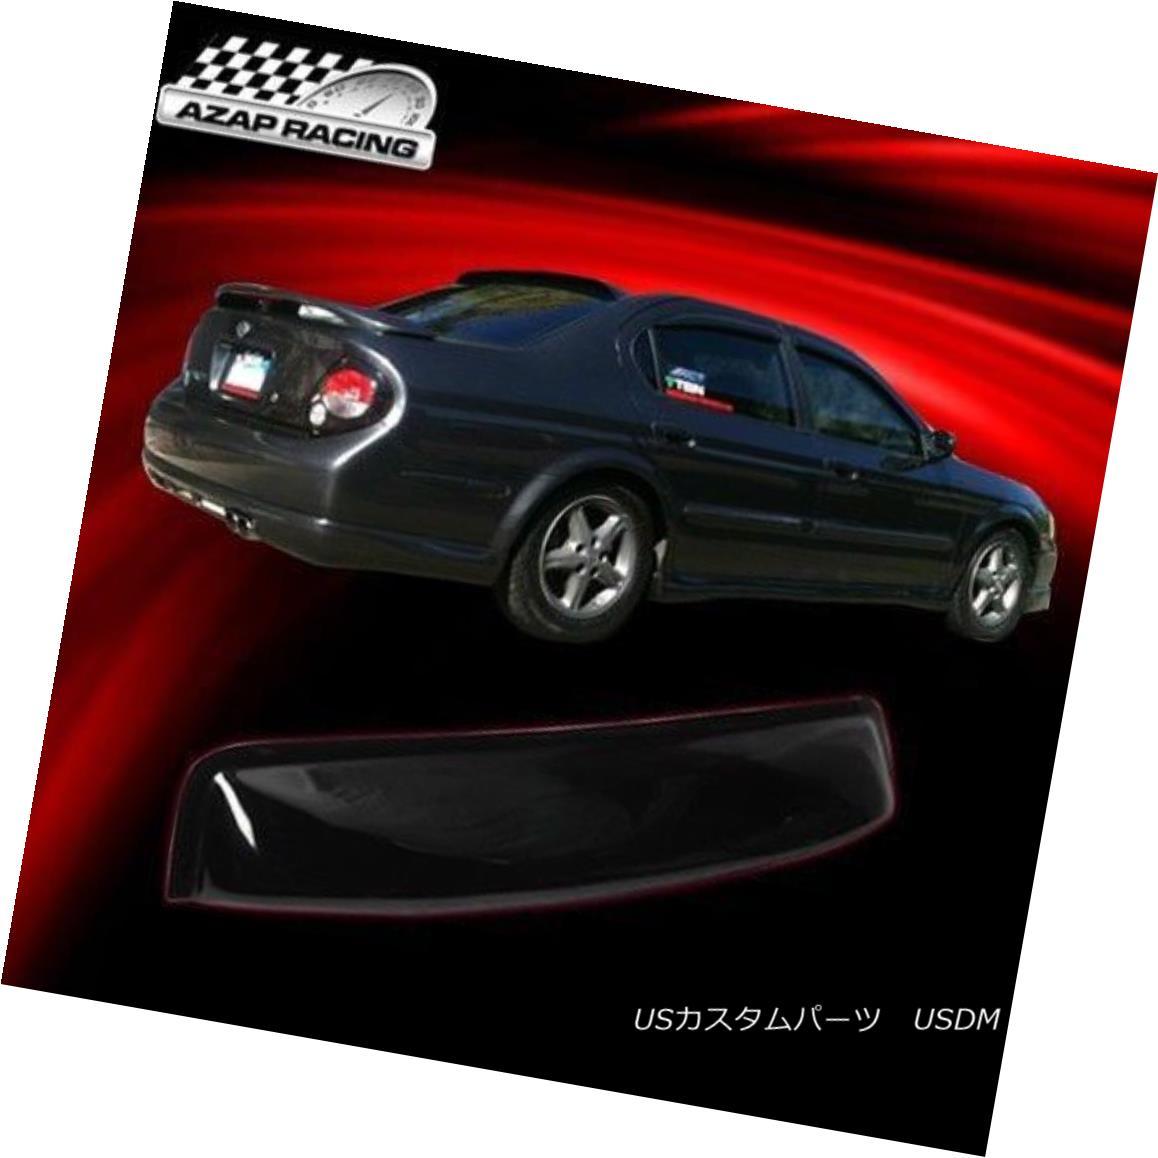 エアロパーツ 2000-2003 OE Style ABS Sun Rear Roof Window Visor Vent Shield Fit Nissan Maxima 2000-2003 OEスタイルABSサンリアリヤウインドバイザーベントシールドフィット日産マキシマ